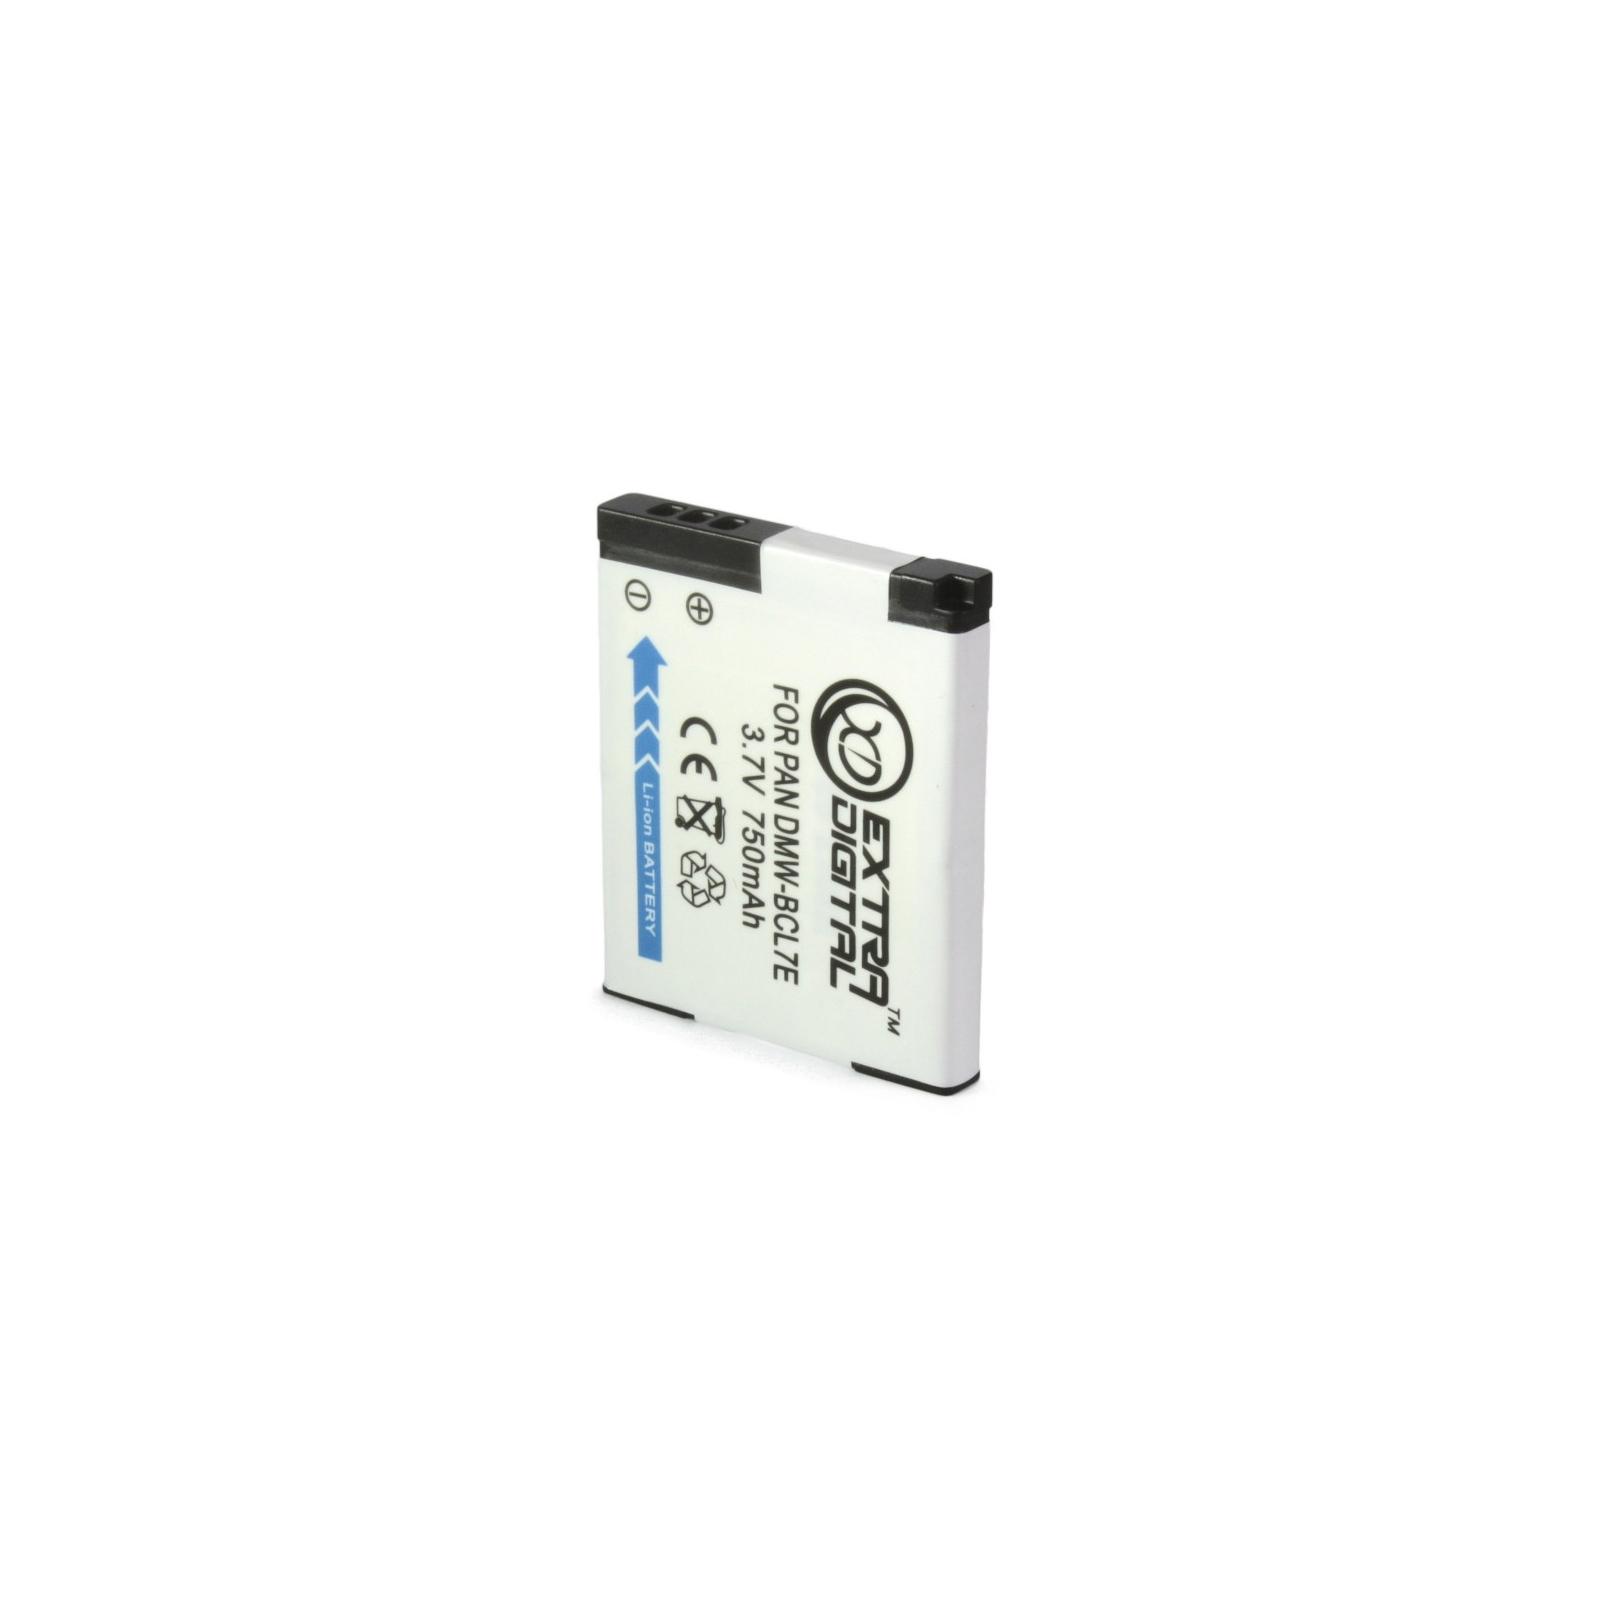 Аккумулятор к фото/видео EXTRADIGITAL Panasonic DMW-BCL7E (BDP1290) изображение 2